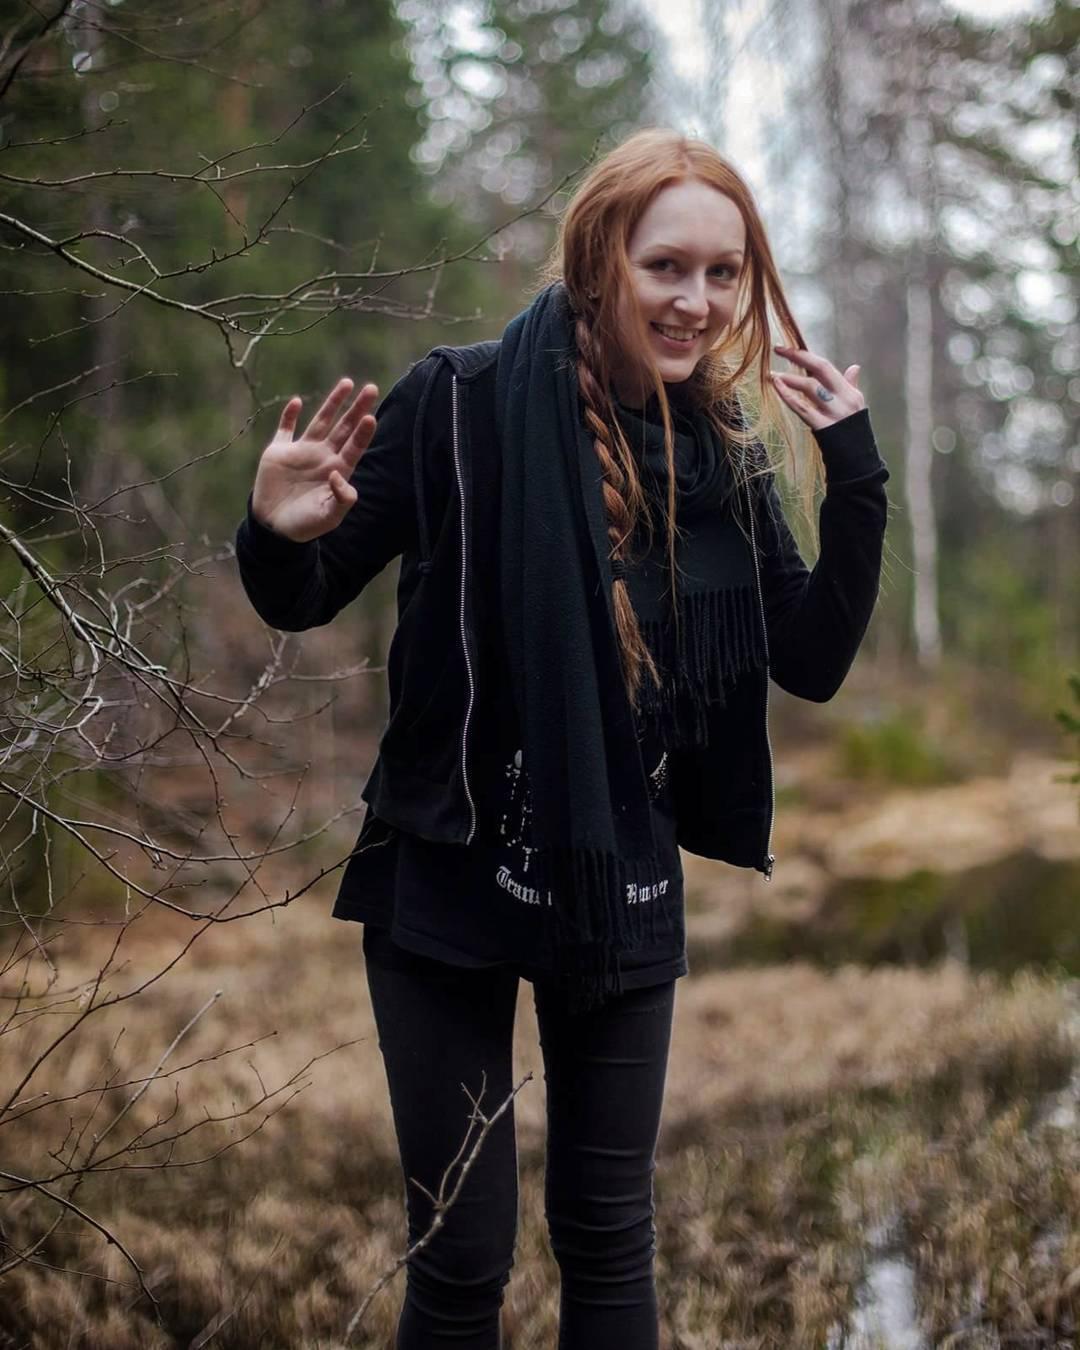 Скандинавские девушки фото частное женщин